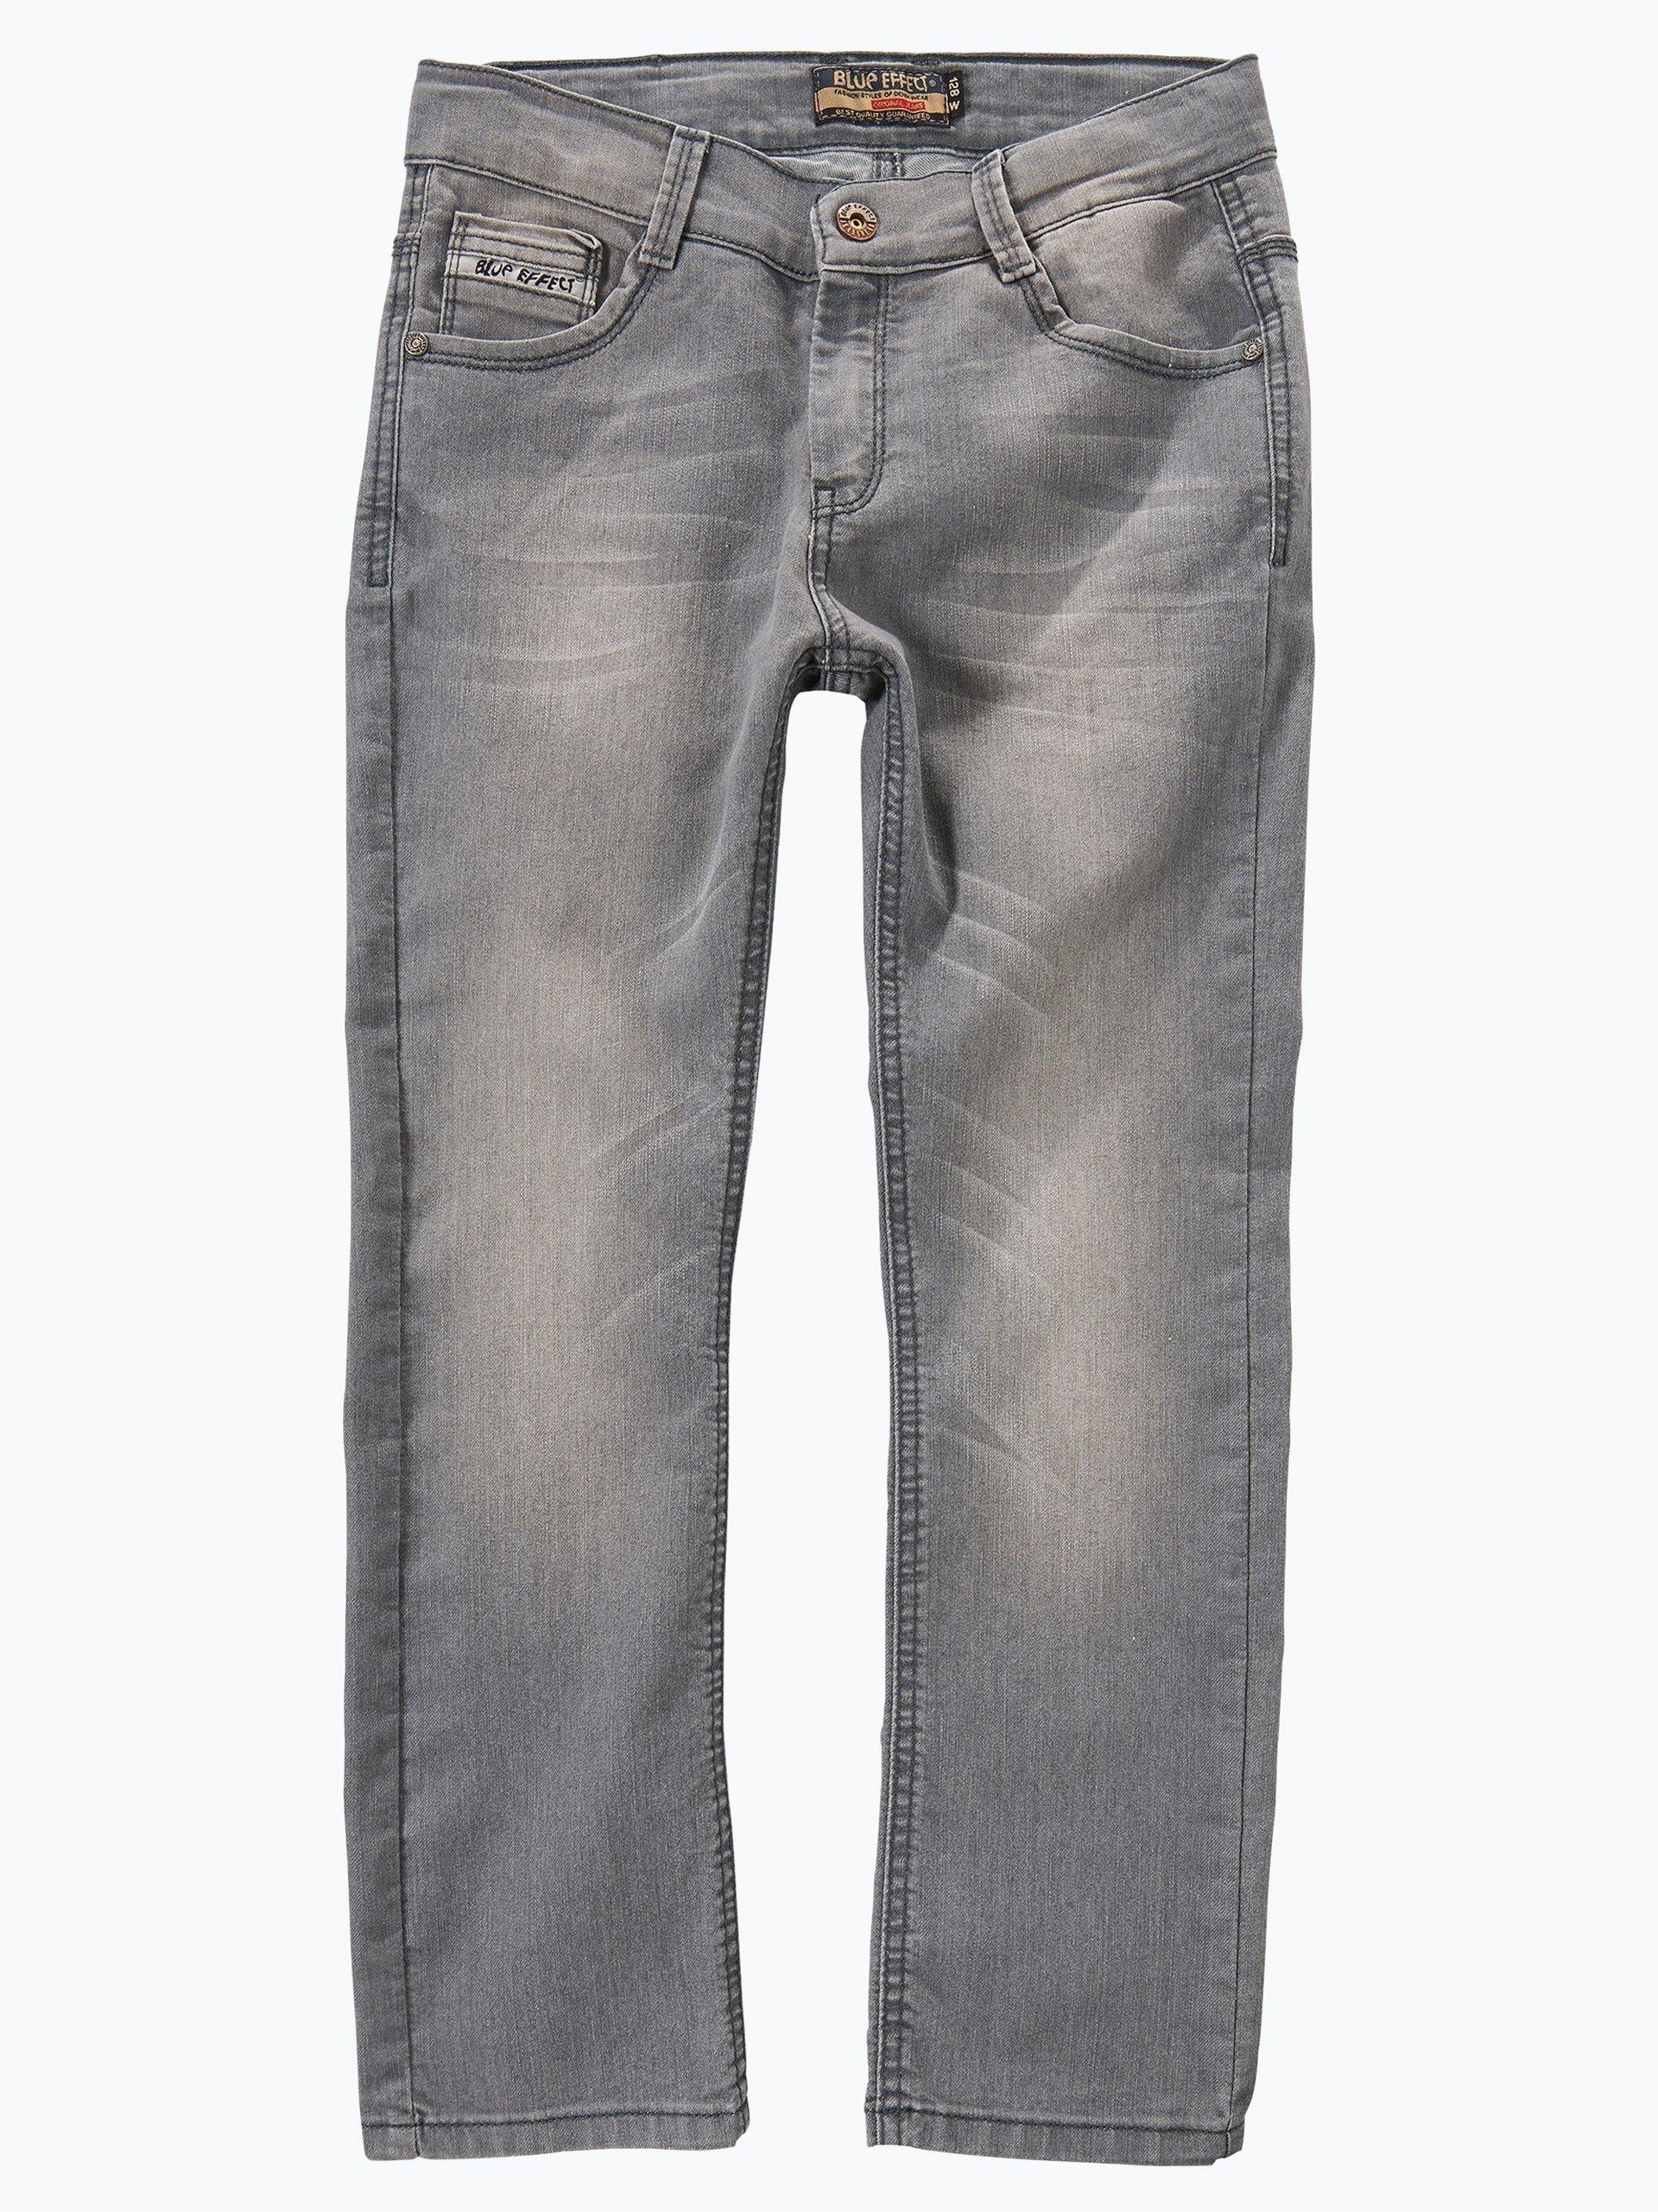 Blue Effect Jungen Jeans - Skinny